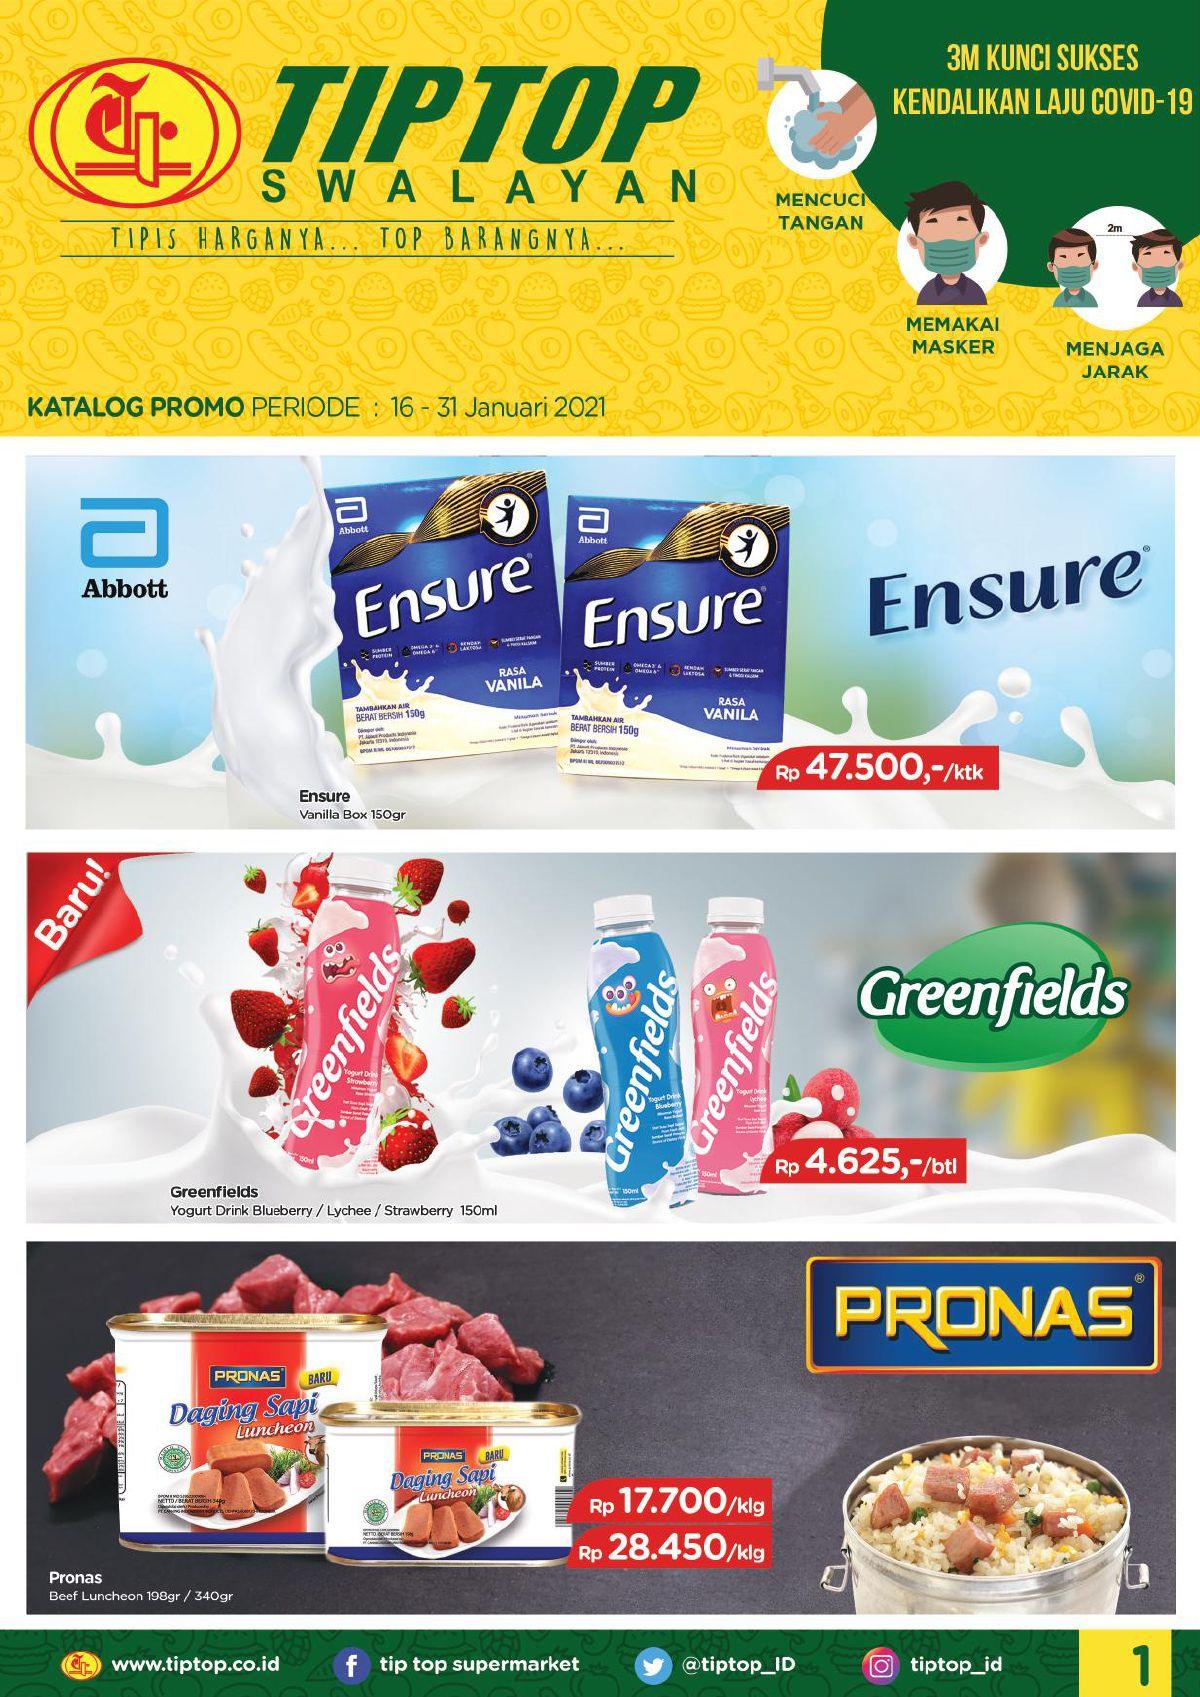 Katalog TIP TOP PASAR SWALAYAN Promo Mingguan Periode 16-31 Januari 2021